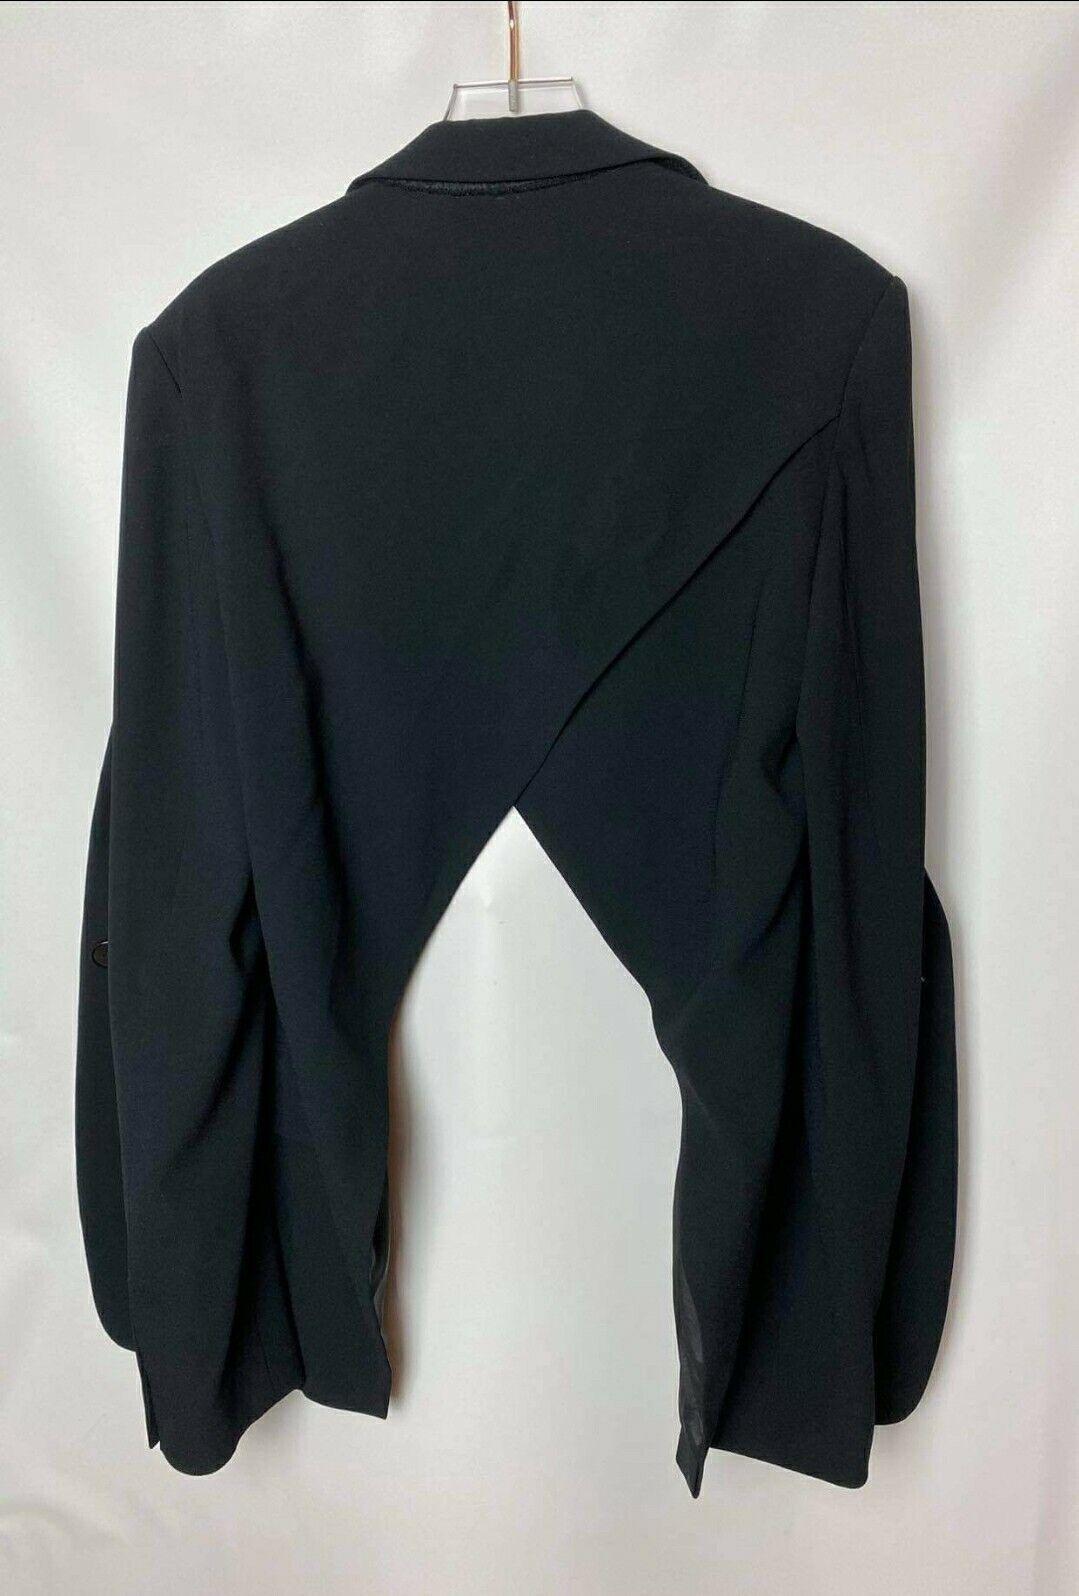 D K N Y  Open Back Single button Women's Jacket S… - image 4